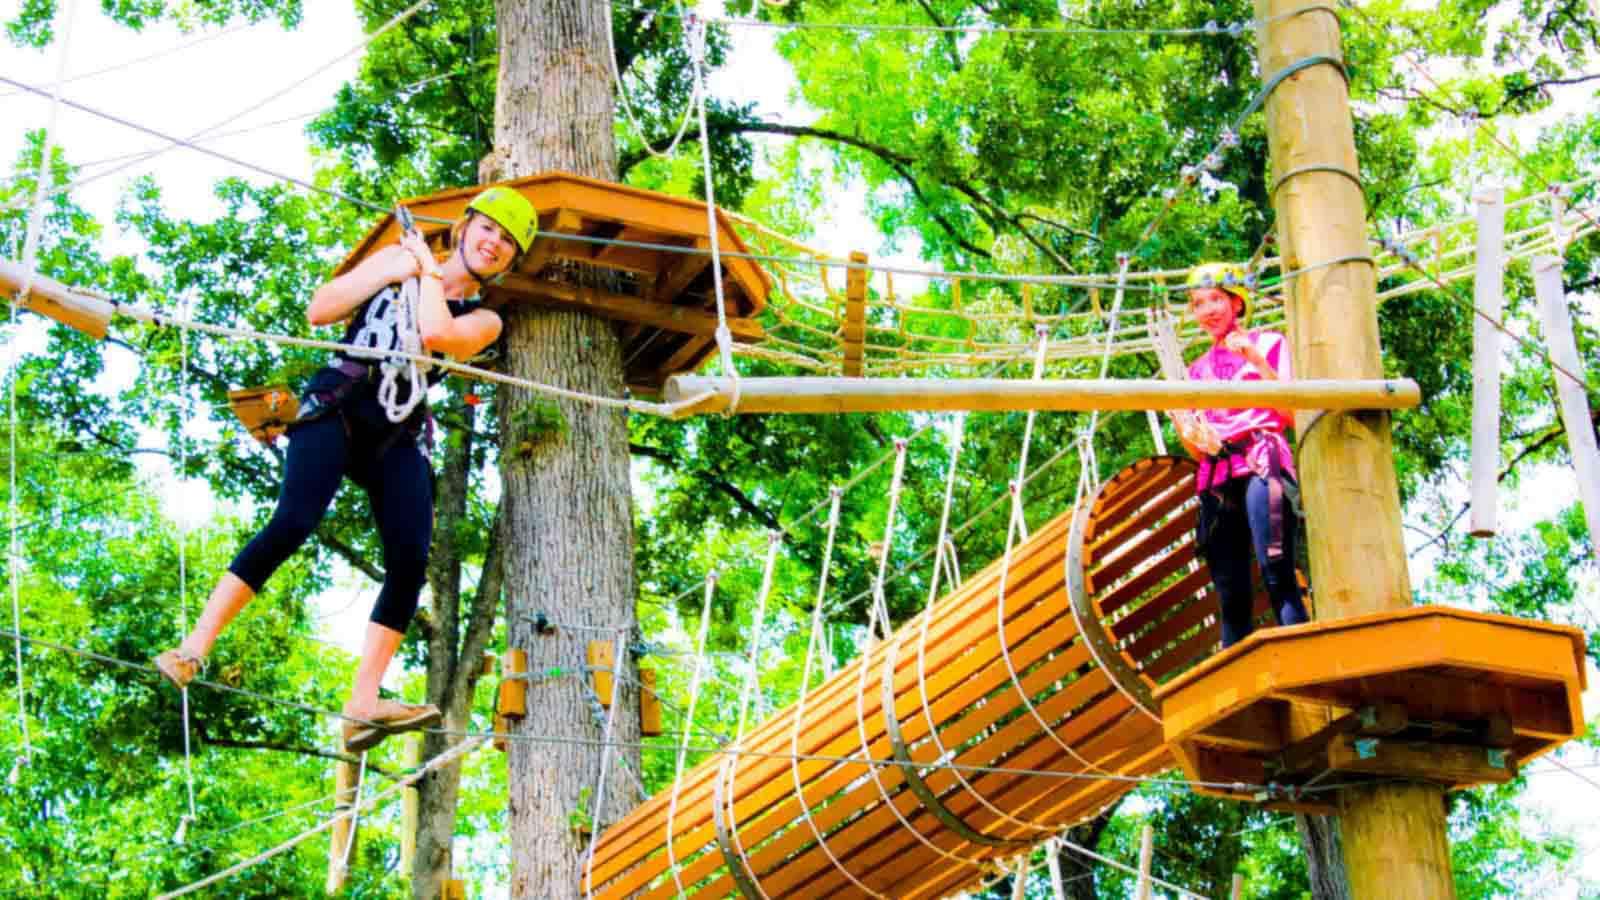 Adventure Designs Training Aerial Adventure Parks Pure Outdoor Fun